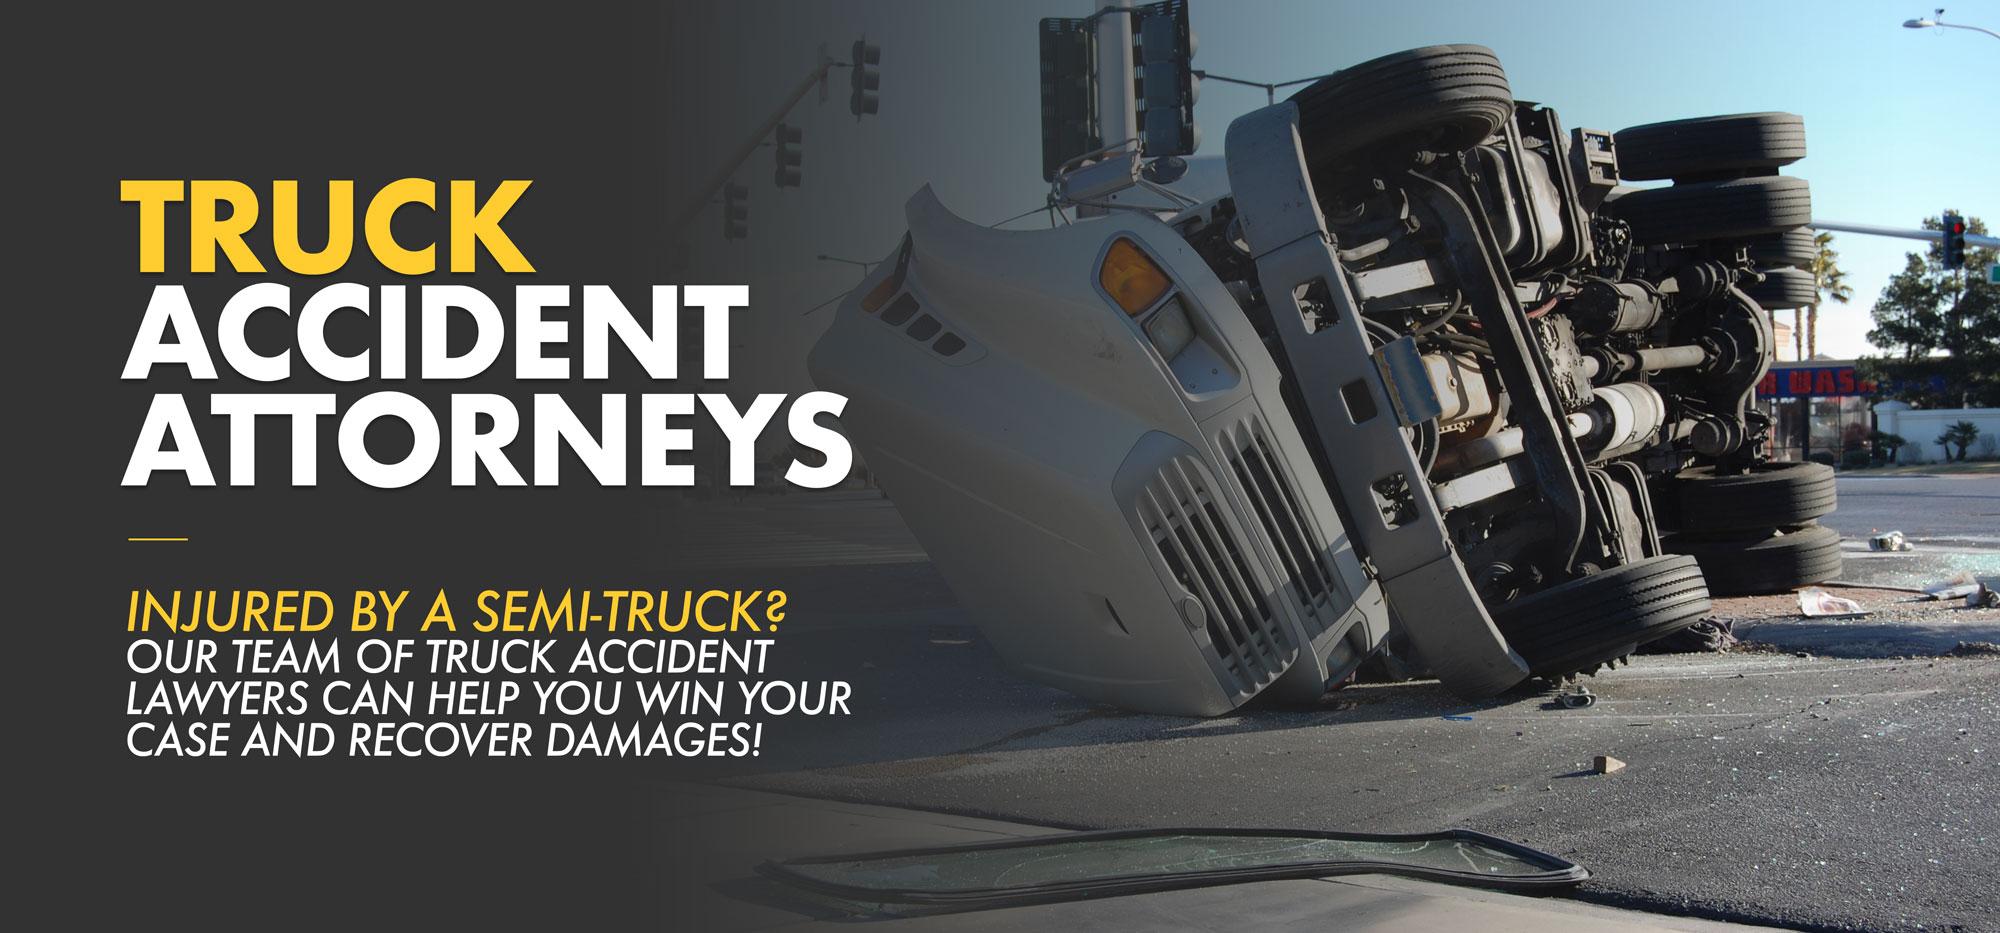 truck-accident-attorney-banner